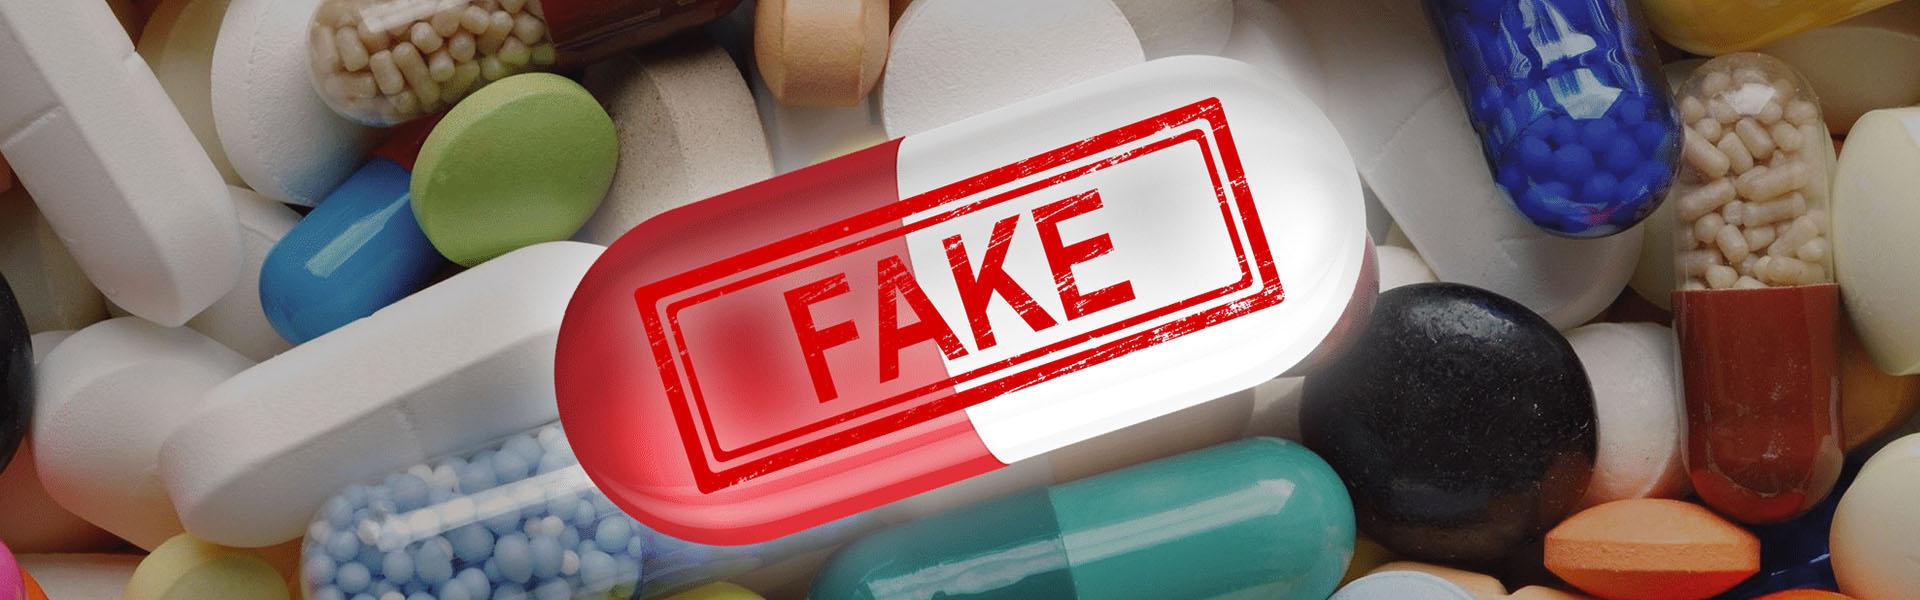 خطر عوارض دارو تقلبی را به جان نخرید side effects of counterfeit medicine